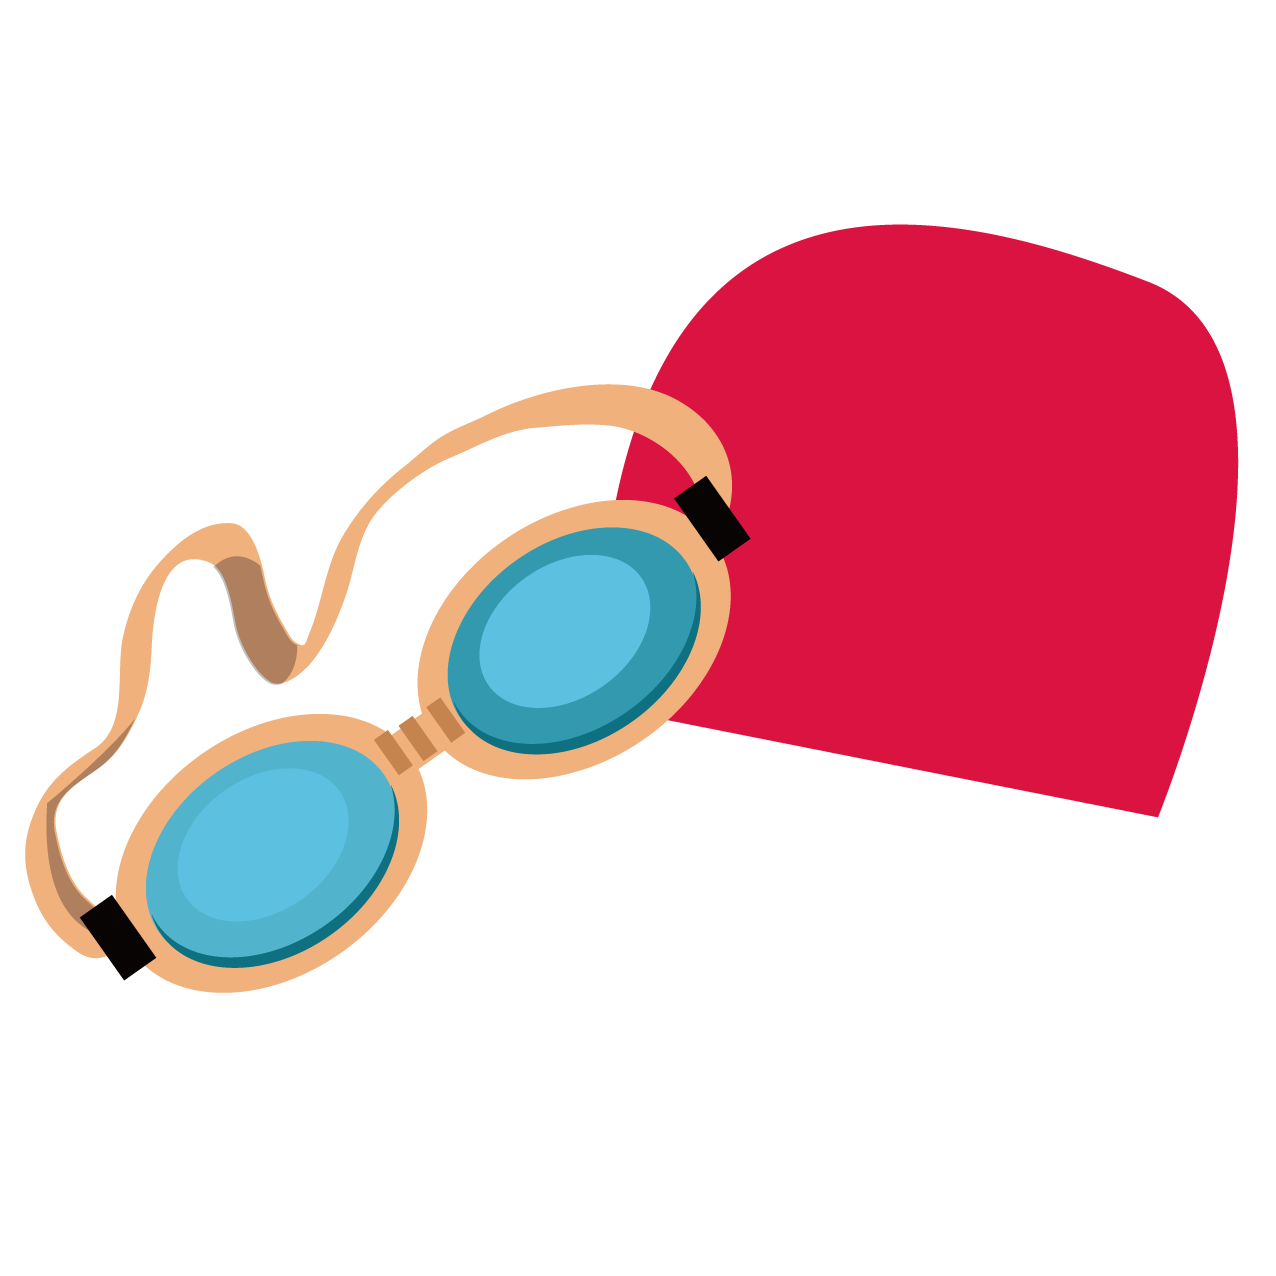 Goggles glasses swim cap. Clipart swimming vector